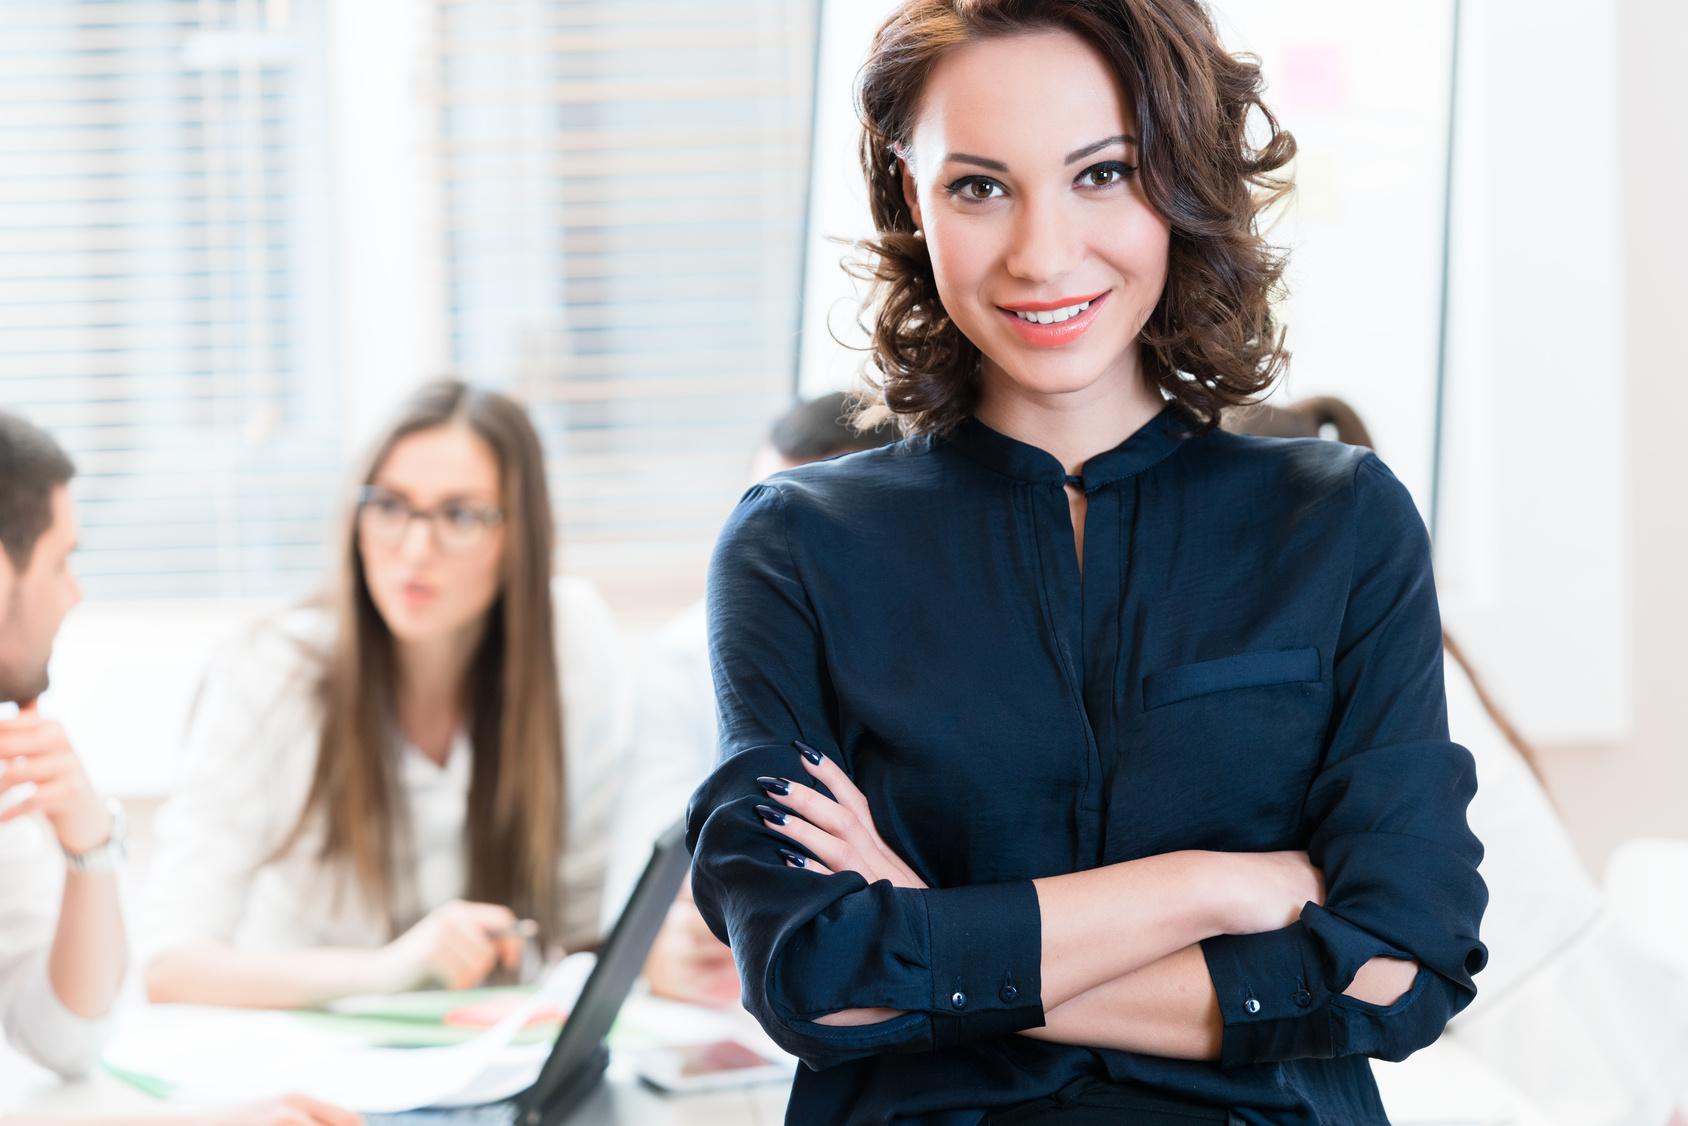 Donne e imprenditoria, 3 su 4 manager sono ancora uomini